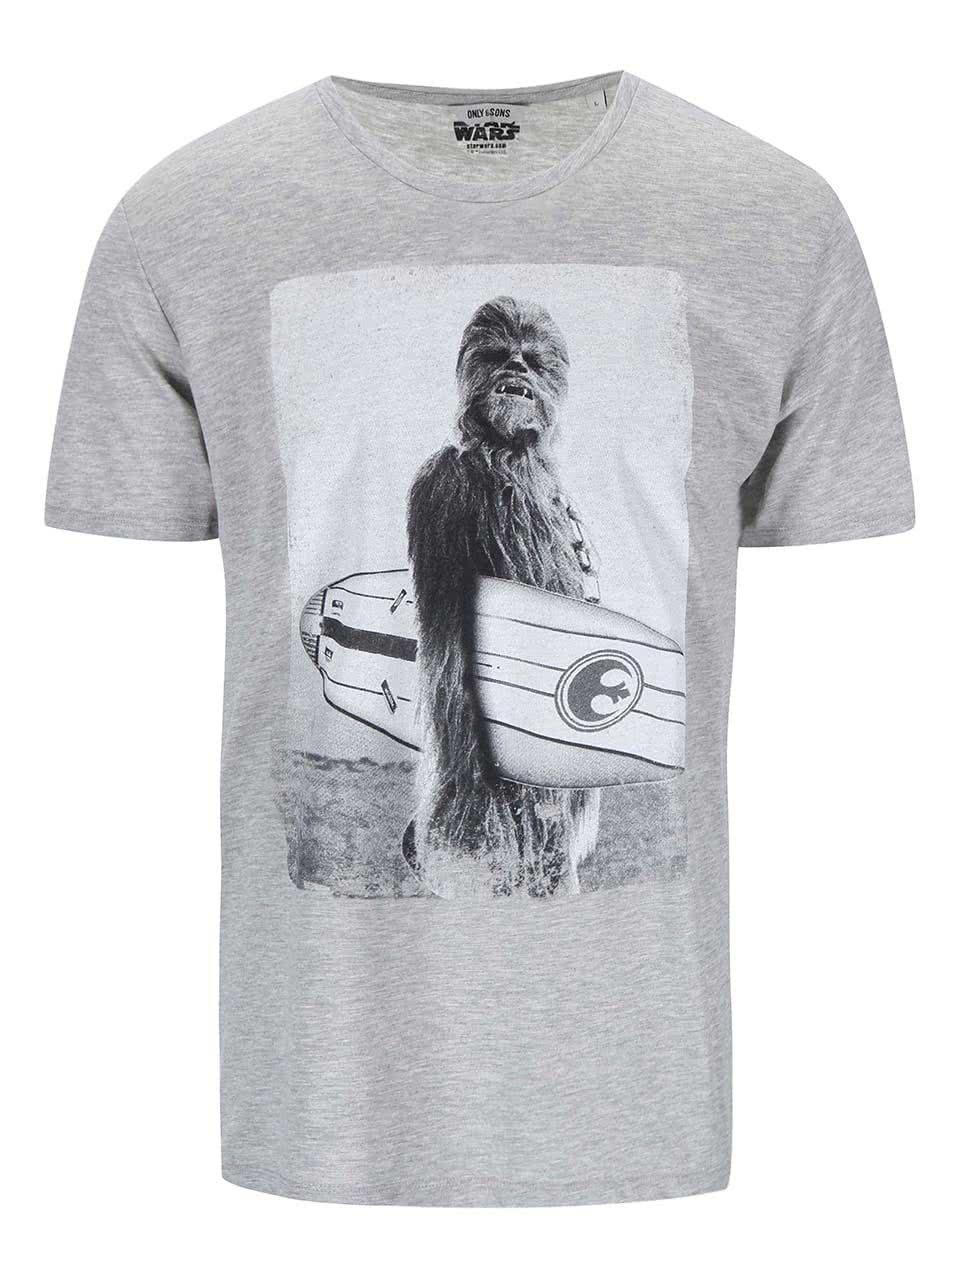 2f09dcbf243 Šedé triko s potiskem ONLY   SONS Star Wars ...